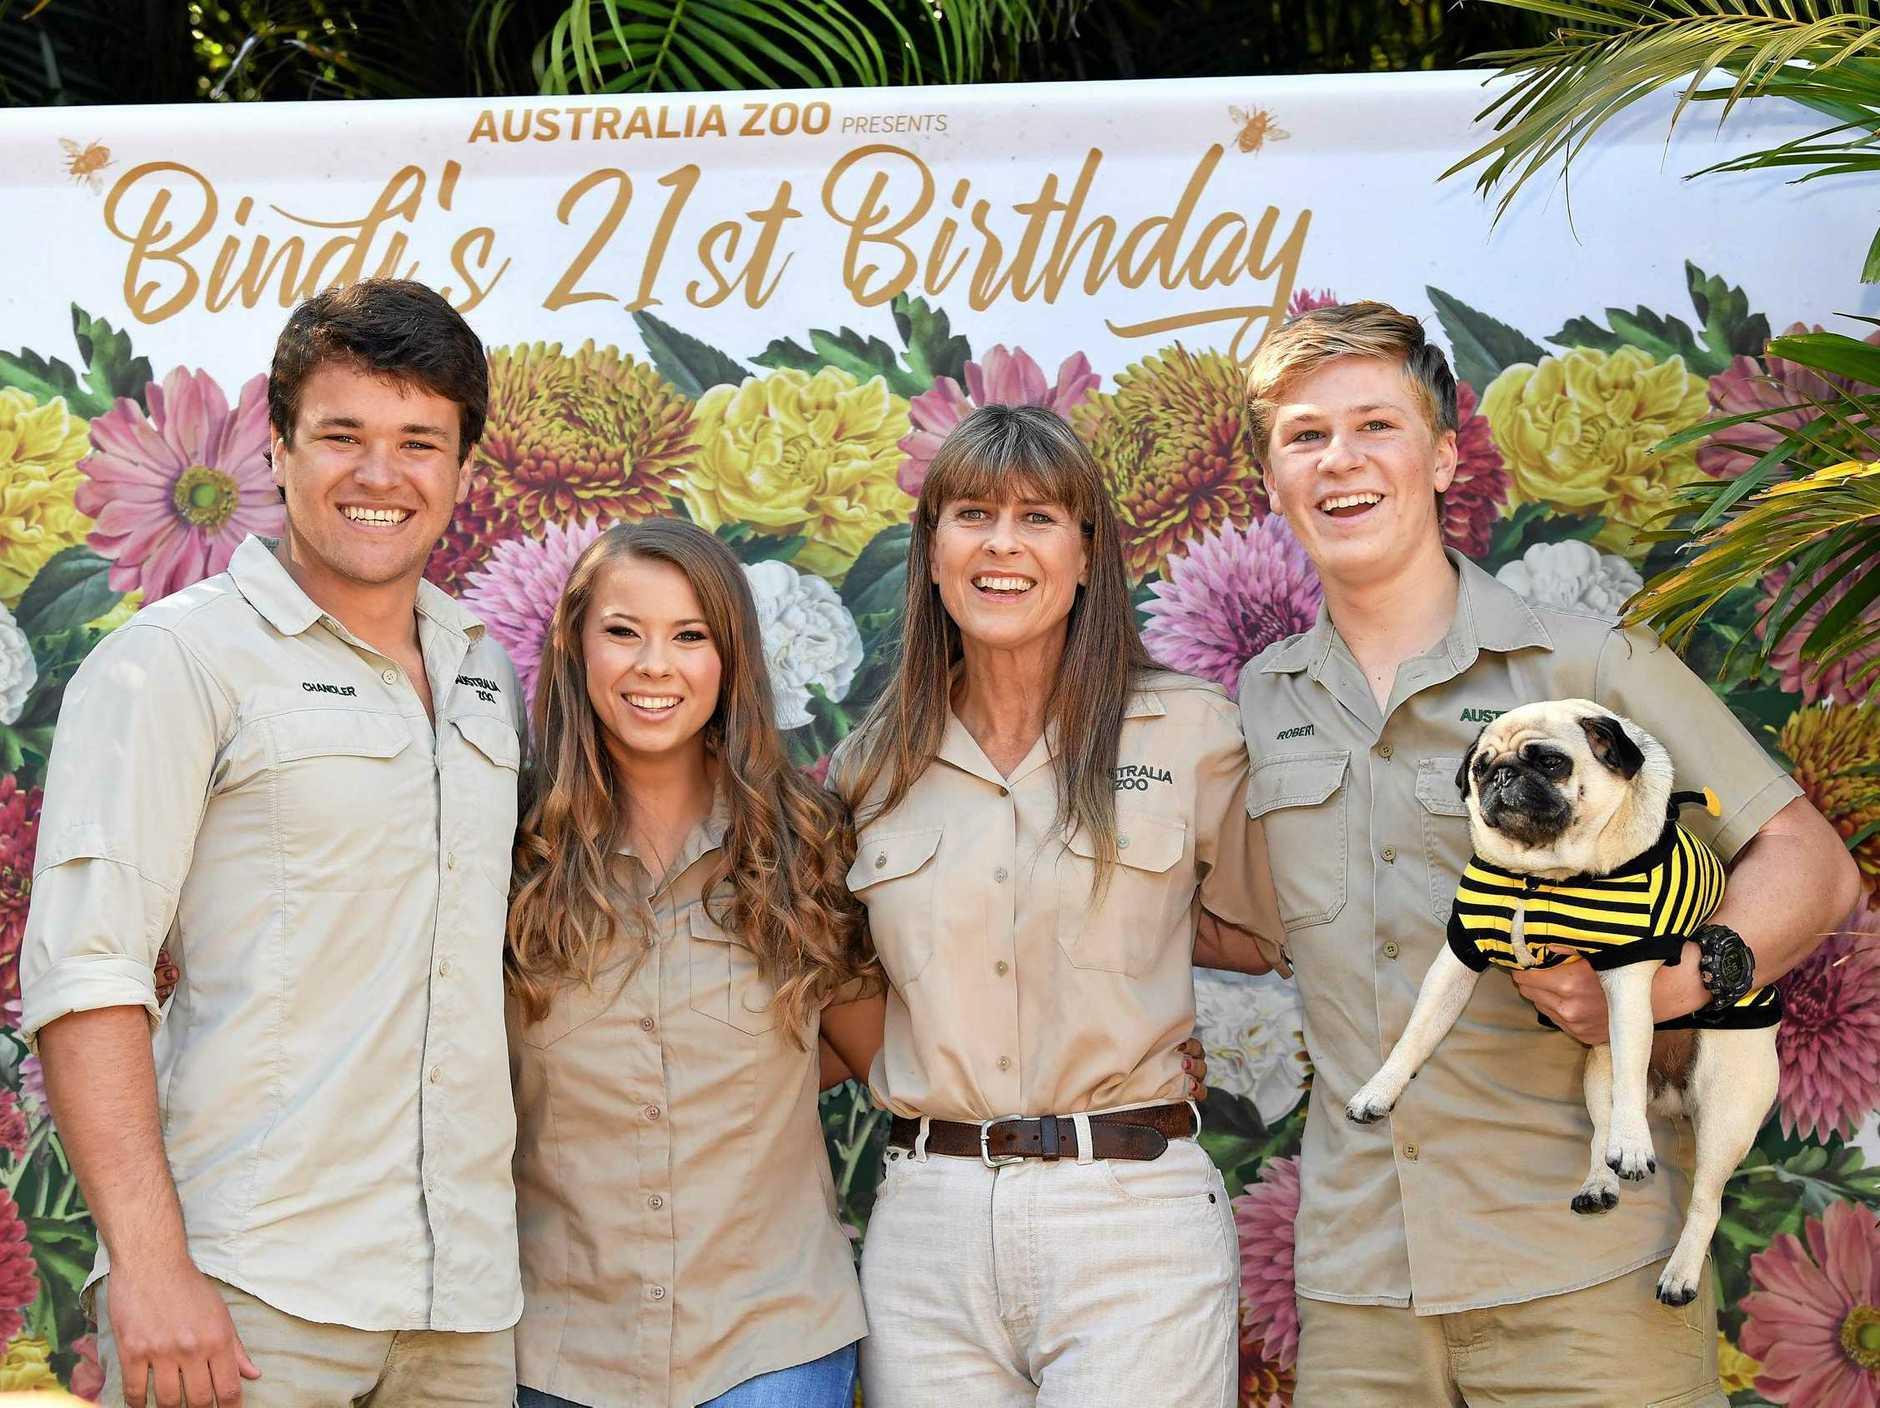 HAPPY BIRTHDAY: Cellarbrations at Australia Zoo as Bindi Irwin turns 21. Chandler Powell, Bindi, Terri and Robert Irwin.